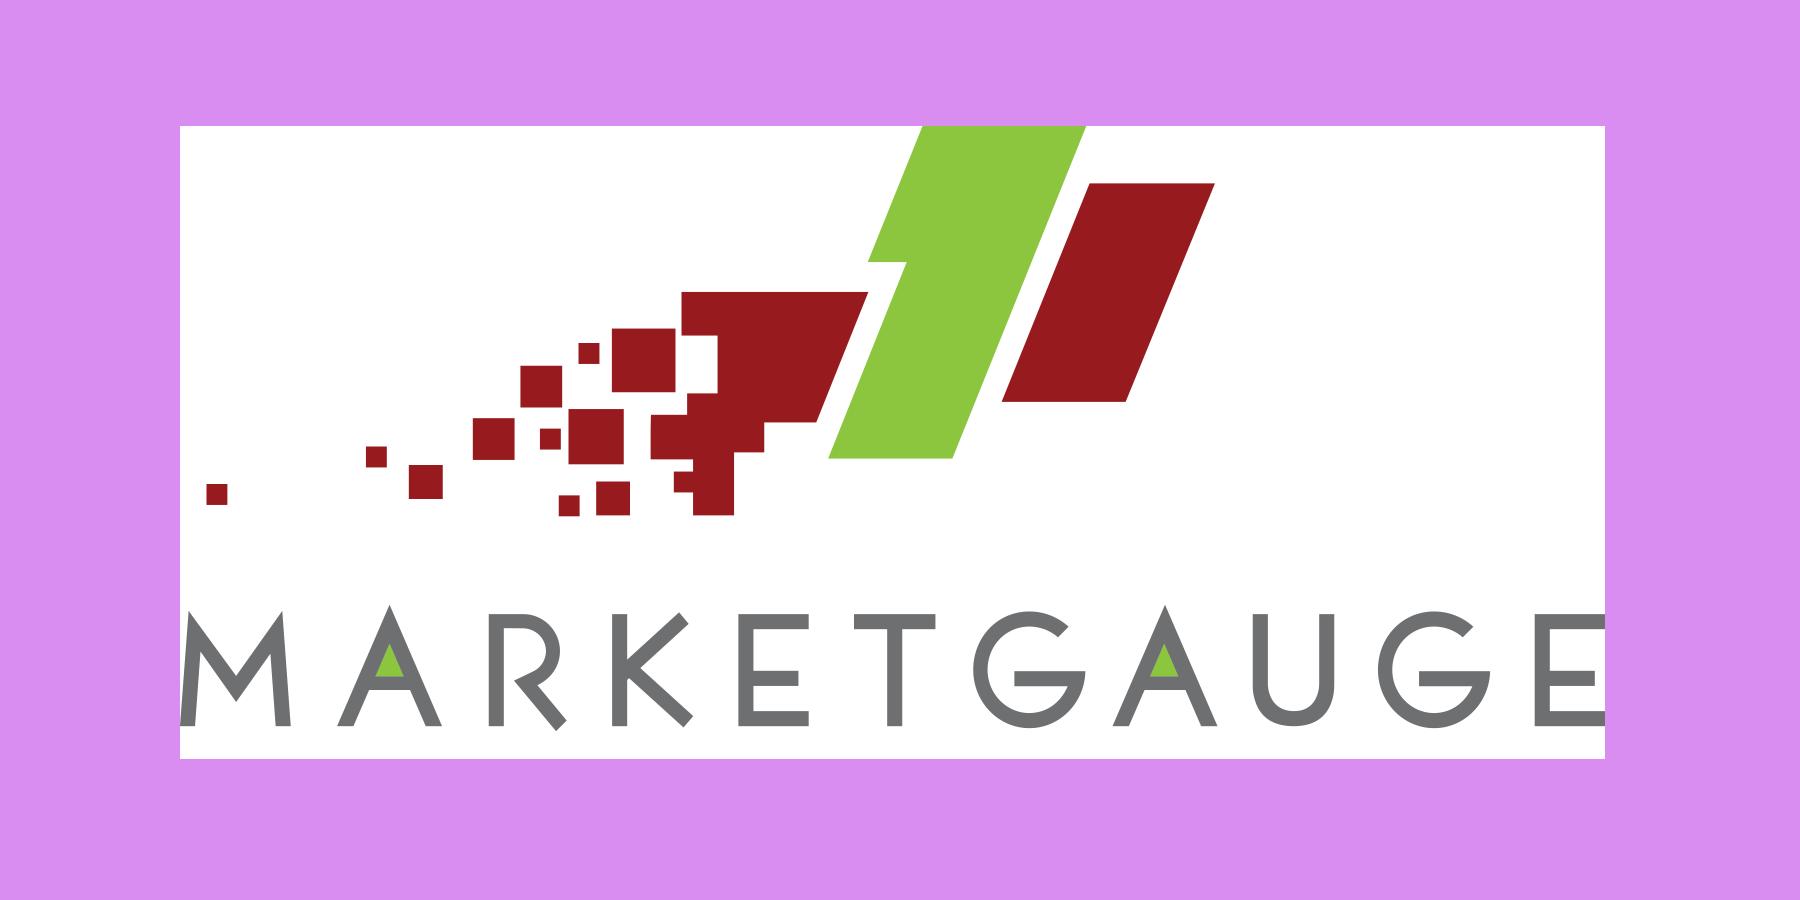 MarketGauge